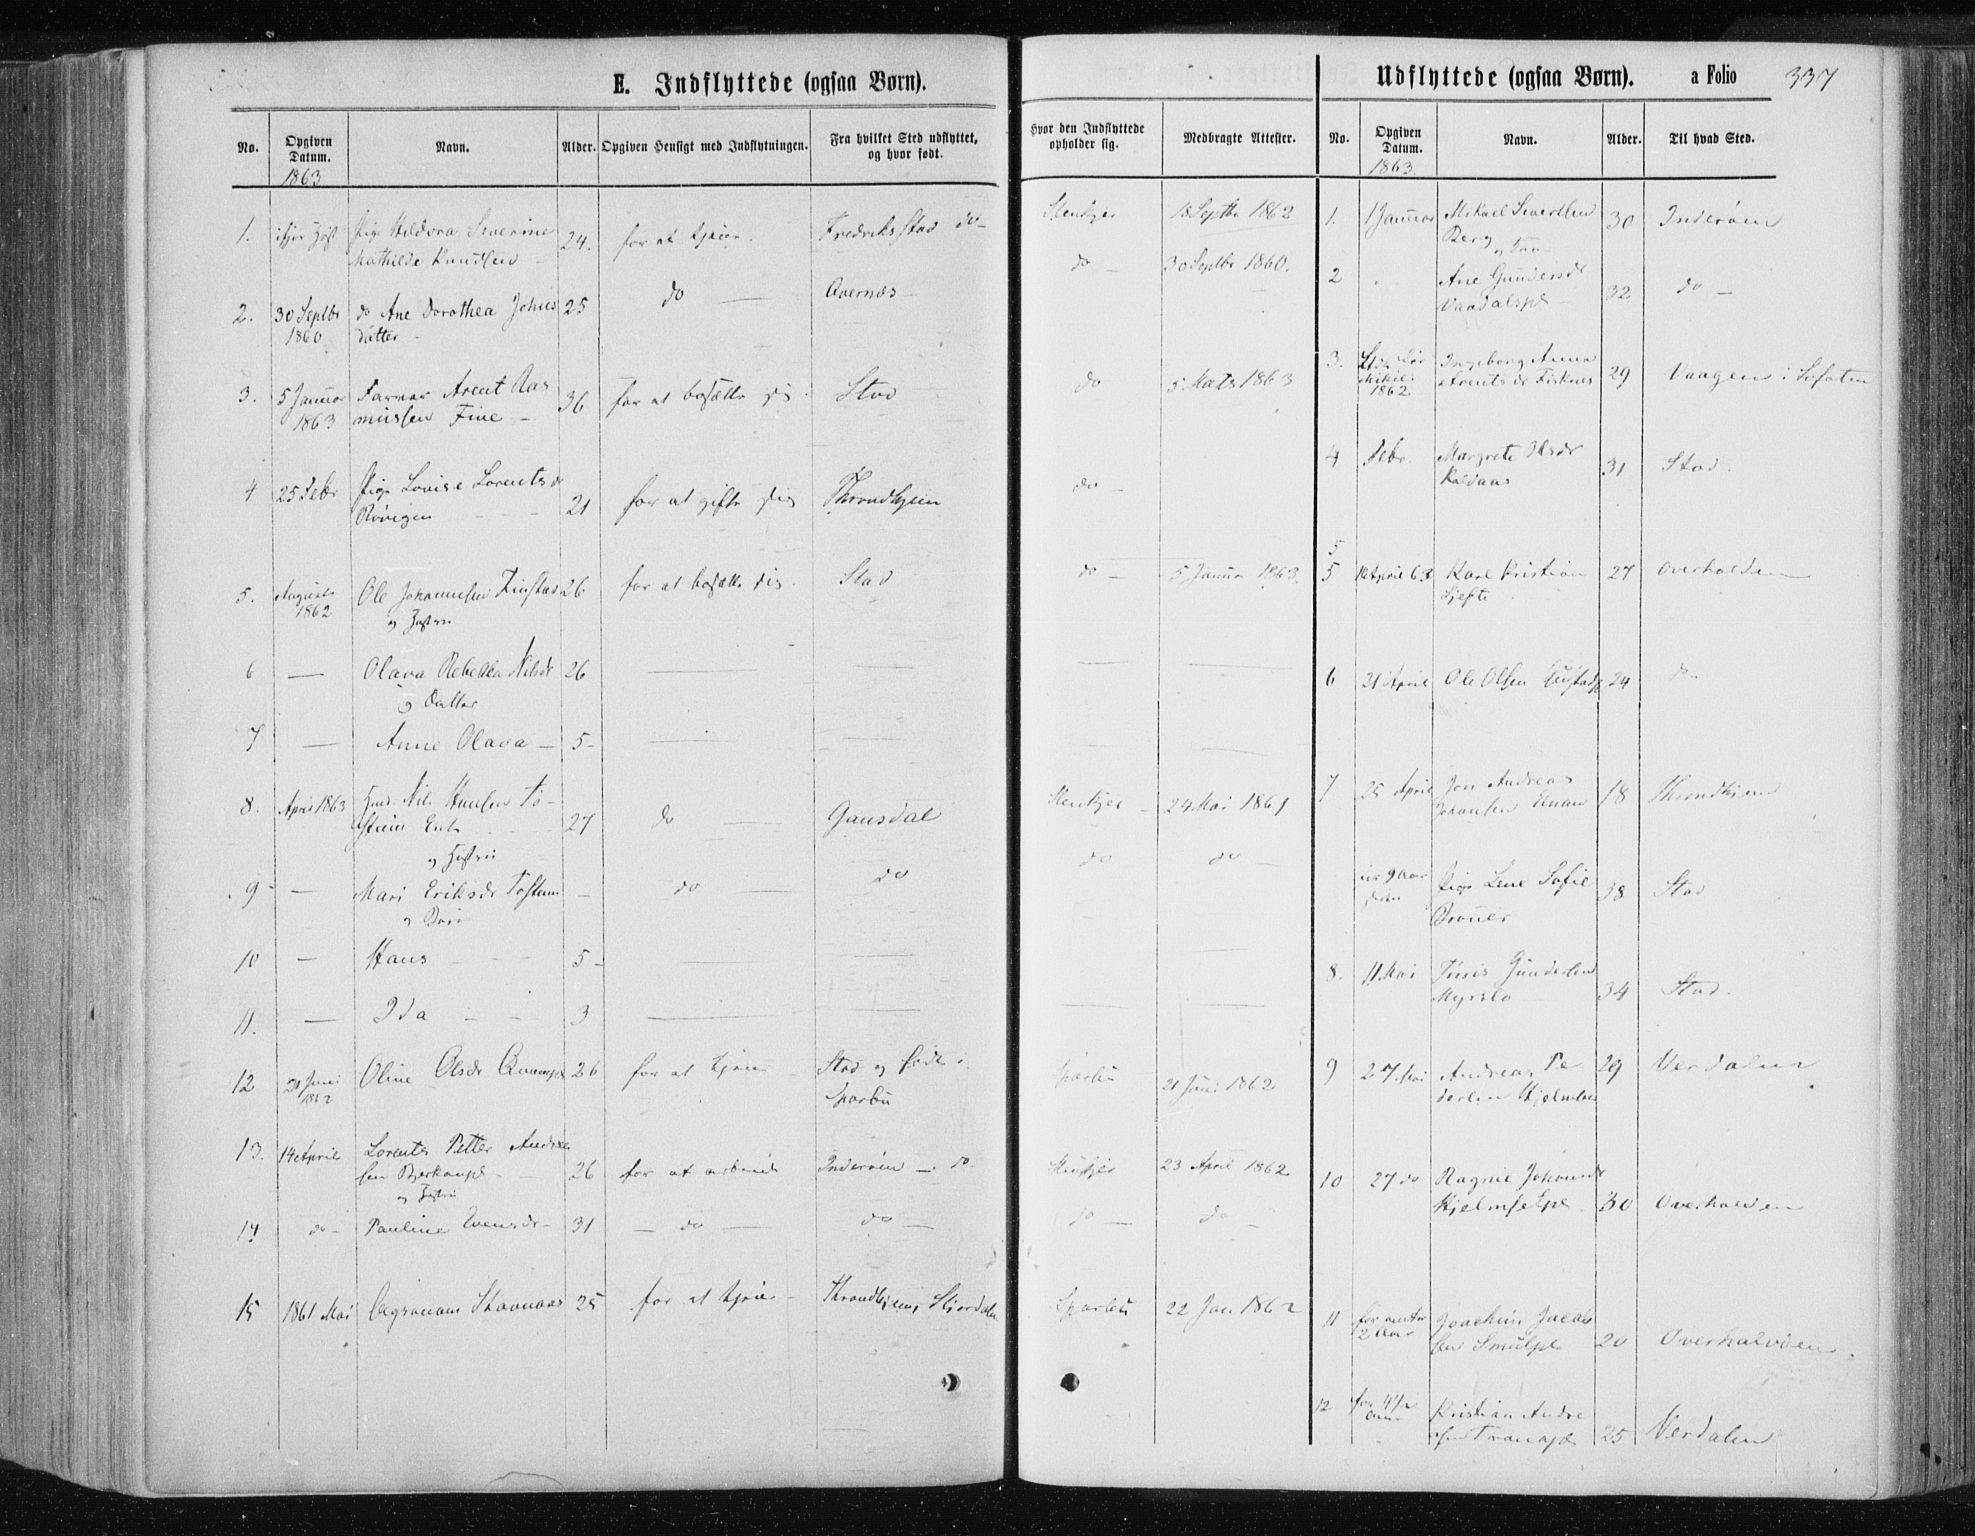 SAT, Ministerialprotokoller, klokkerbøker og fødselsregistre - Nord-Trøndelag, 735/L0345: Ministerialbok nr. 735A08 /1, 1863-1872, s. 337